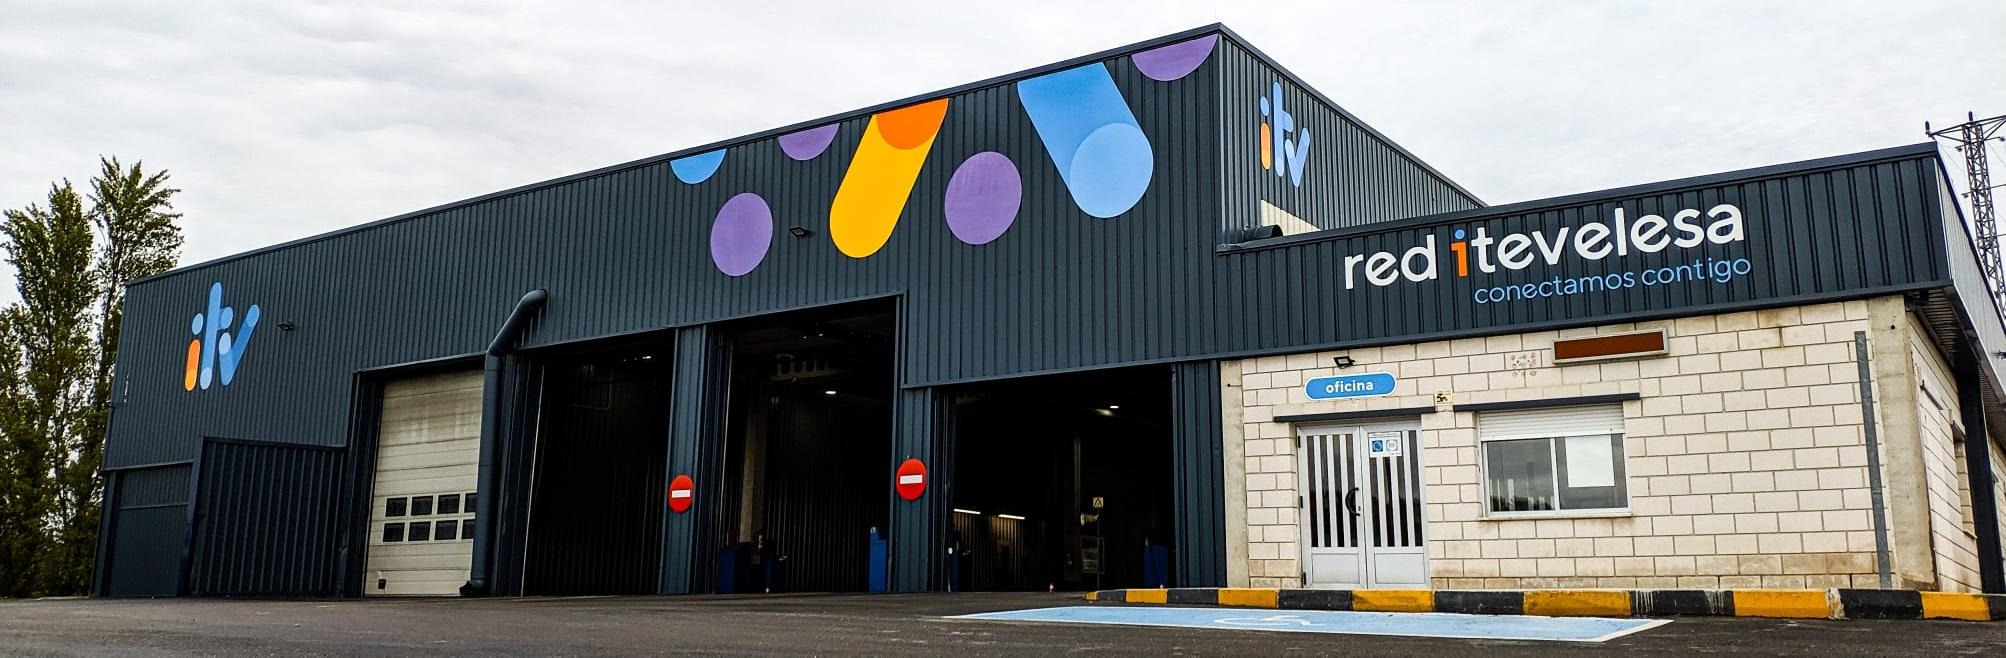 Nuestras estaciones ITV siguen abiertas y operativas en las zonas confinadas